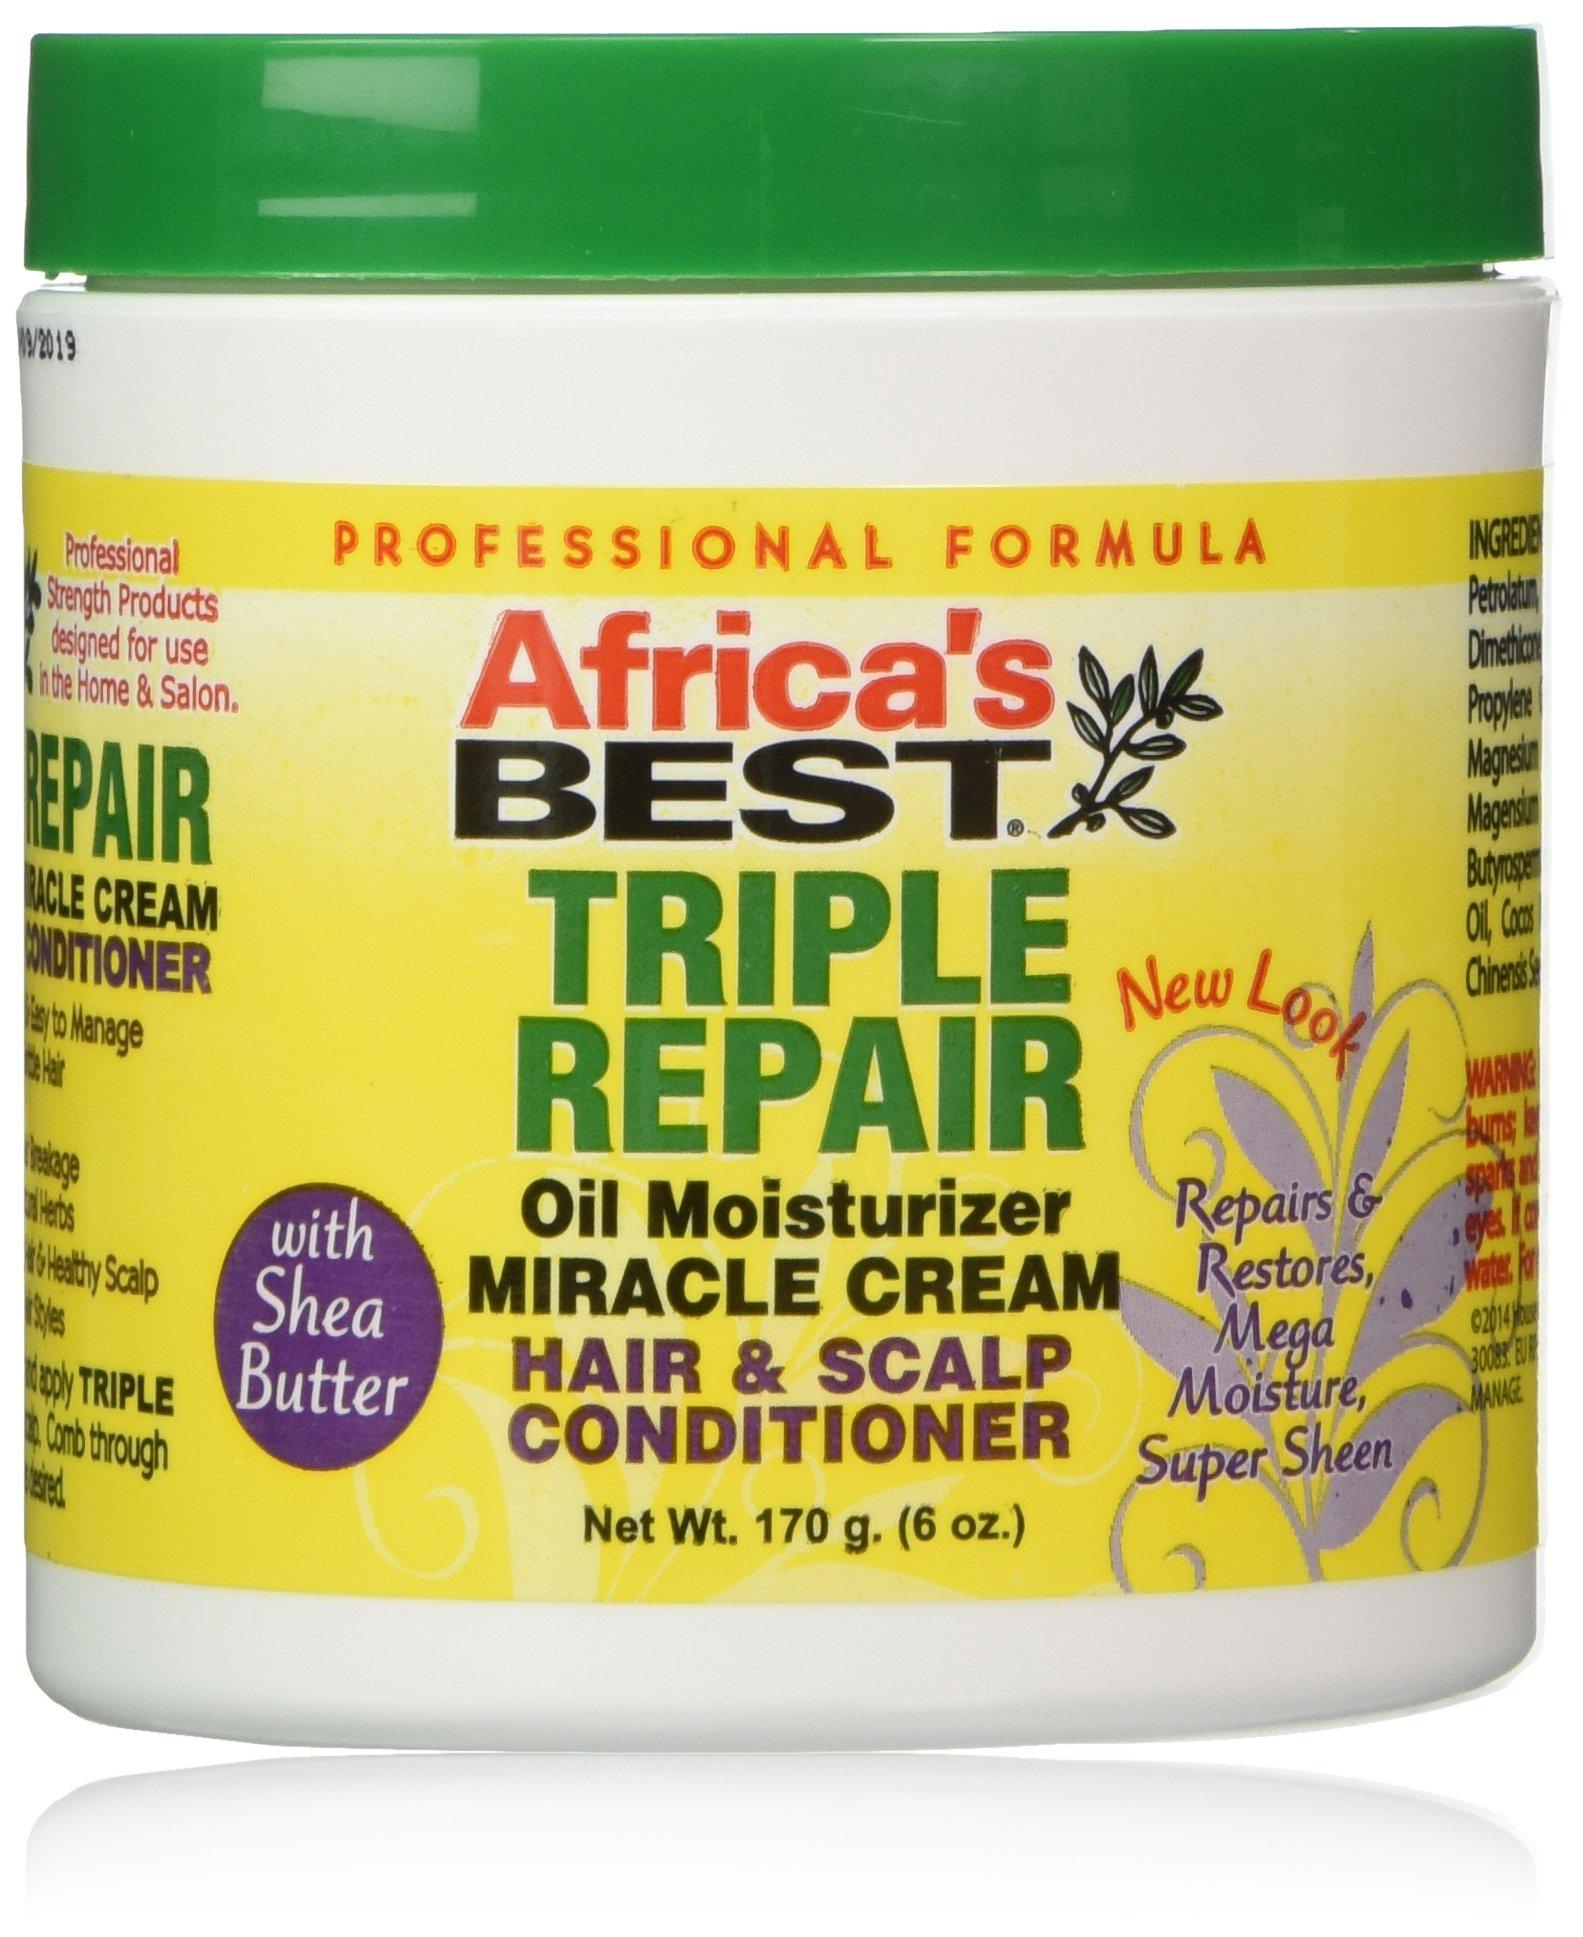 Africa,s Best Triple Repair Oil Moisturizer Cream Hair & Scalp Conditioner 170g